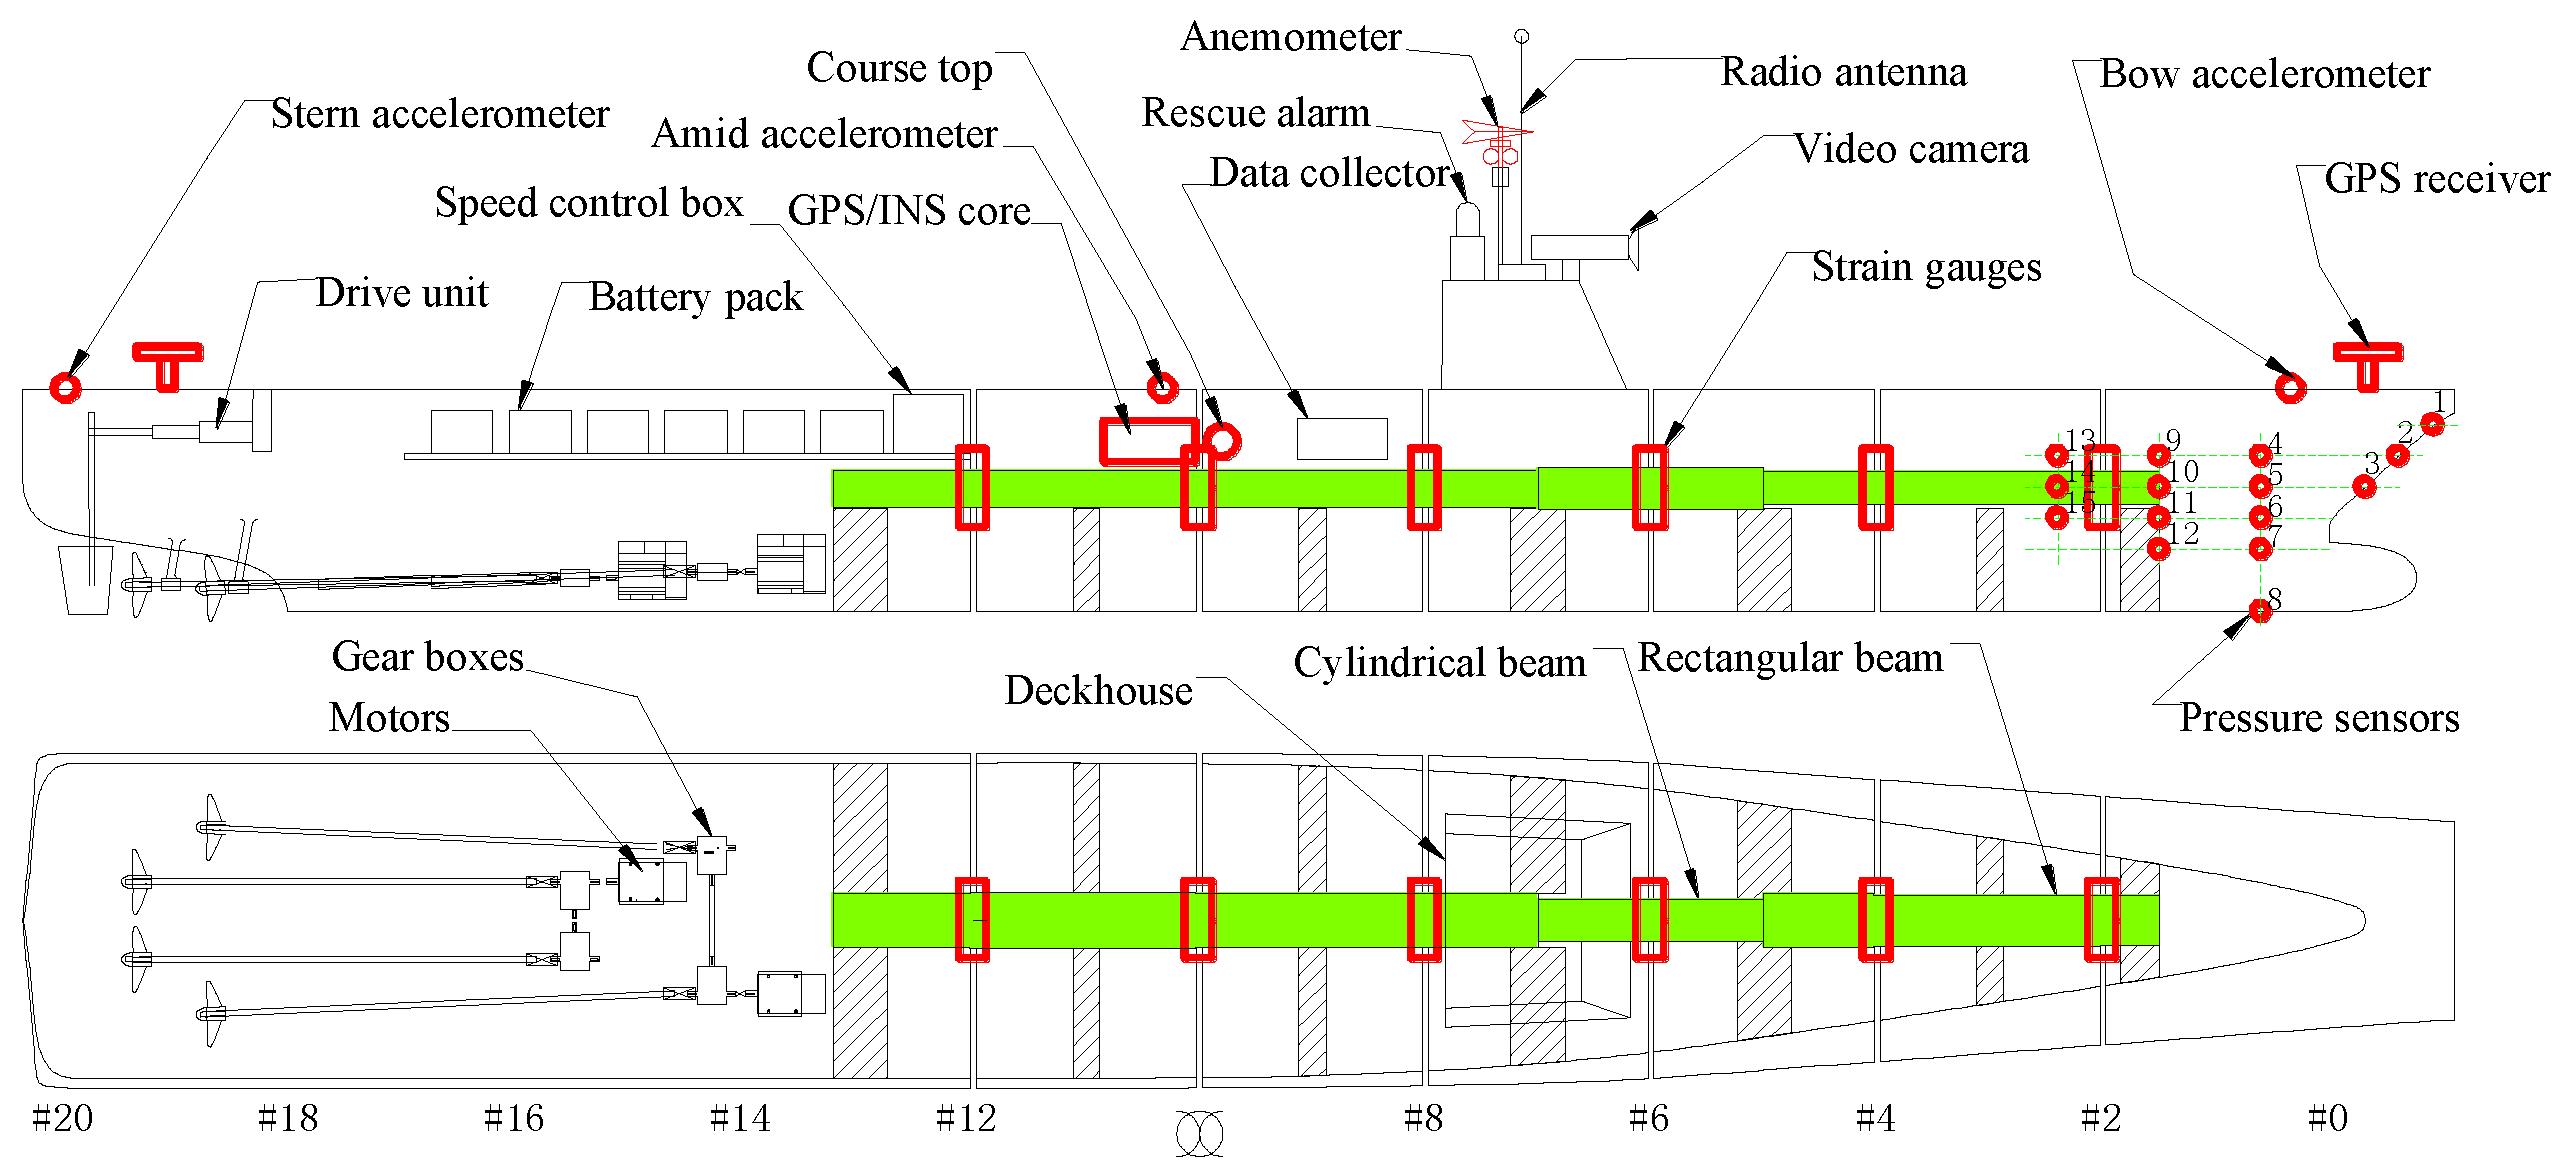 97 Geo Metro Radio Wiring Auto Electrical Diagram Buick Rendezvous